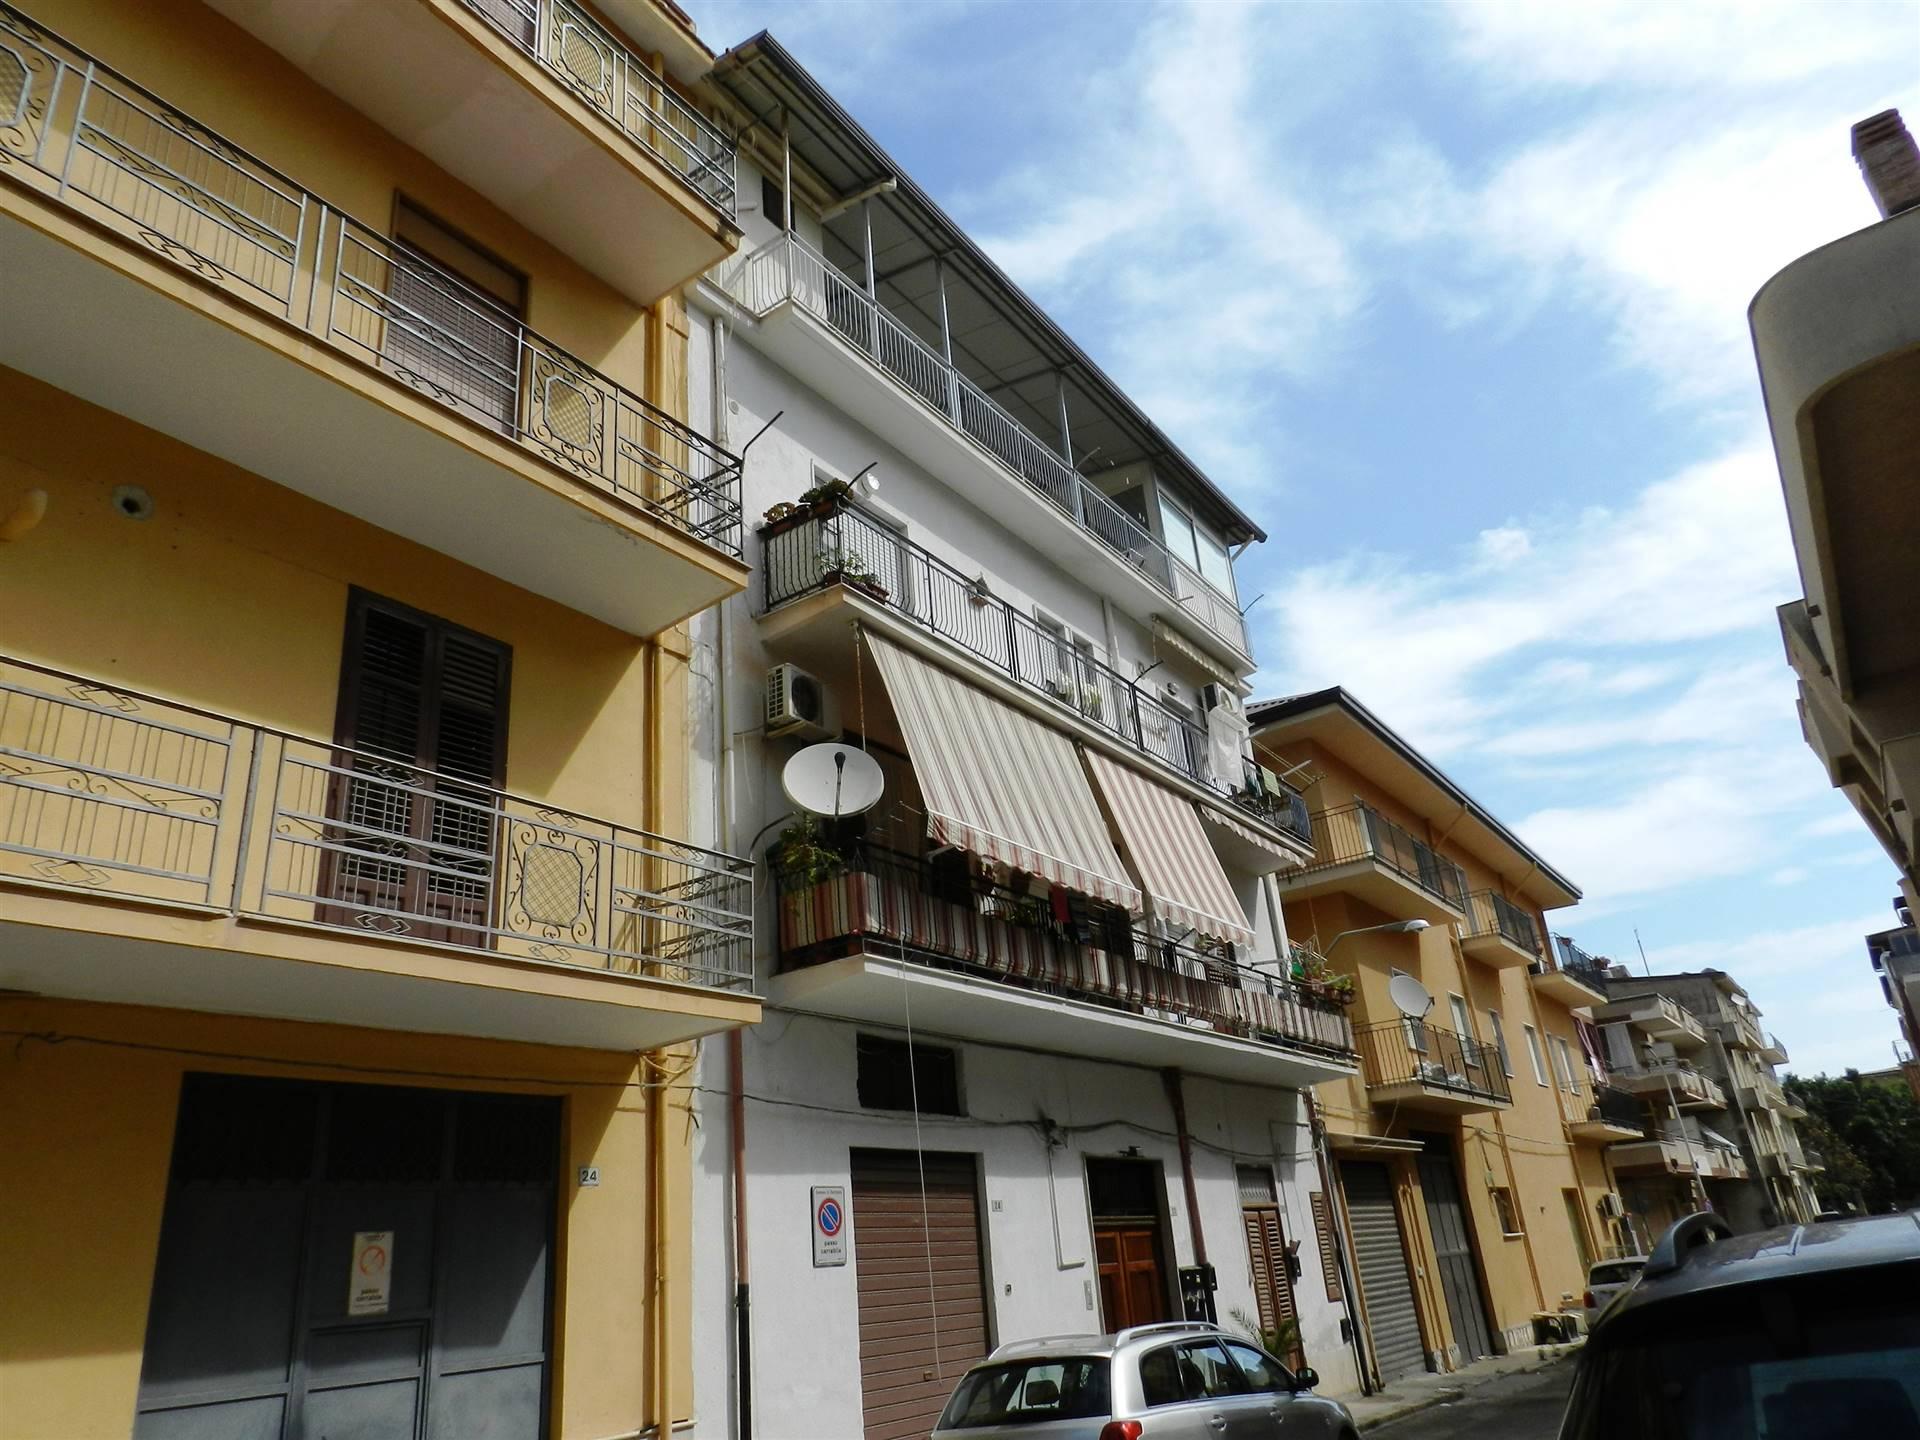 Appartamento in vendita a Partinico, 5 locali, prezzo € 51.000 | CambioCasa.it